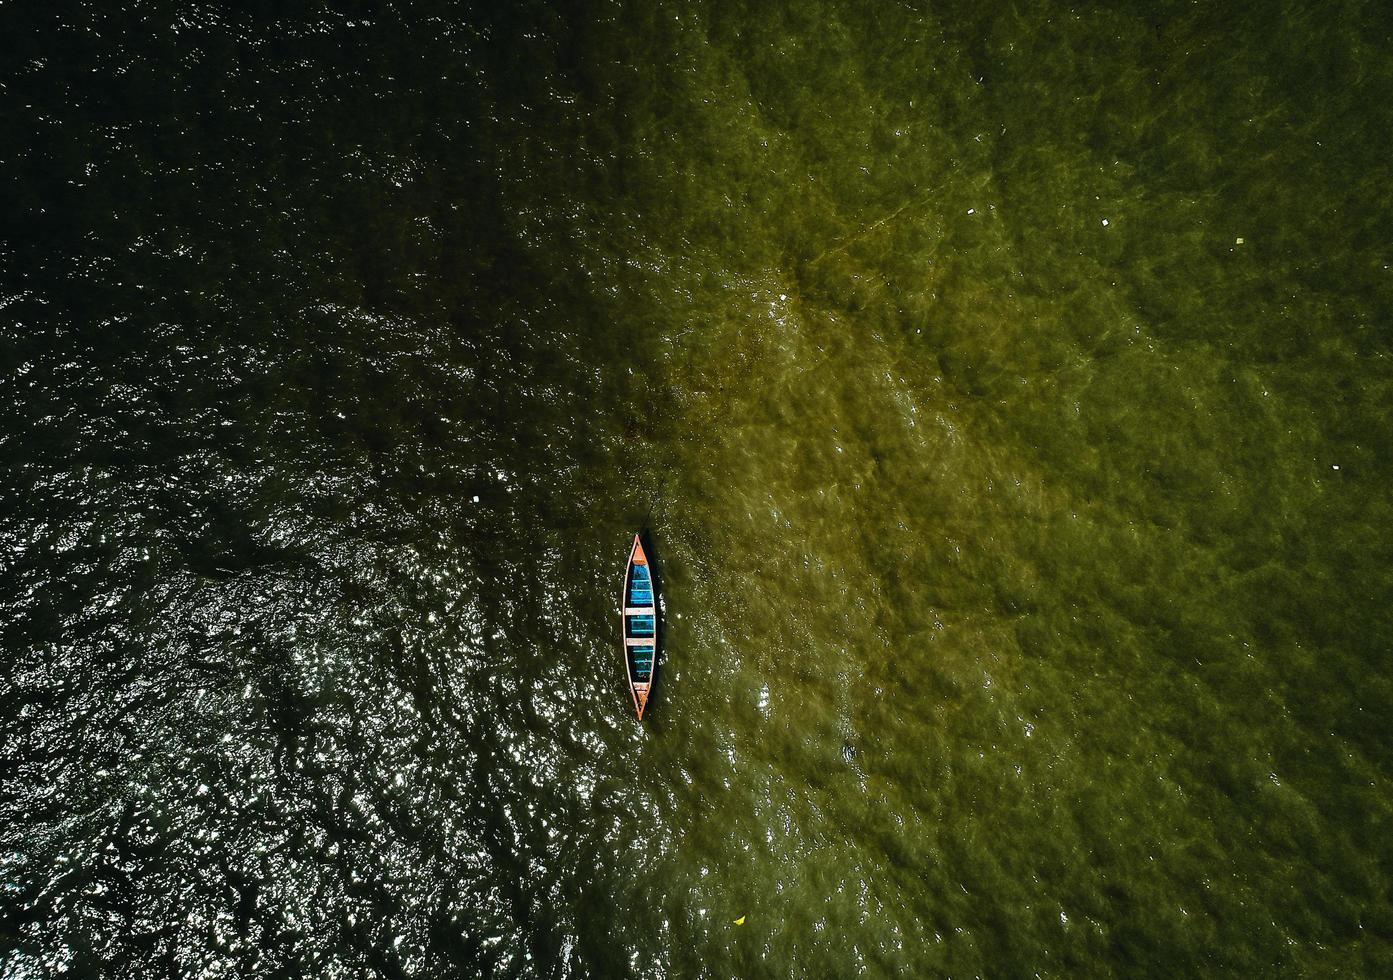 Luftaufnahme des Bootes auf dem Wasser foto